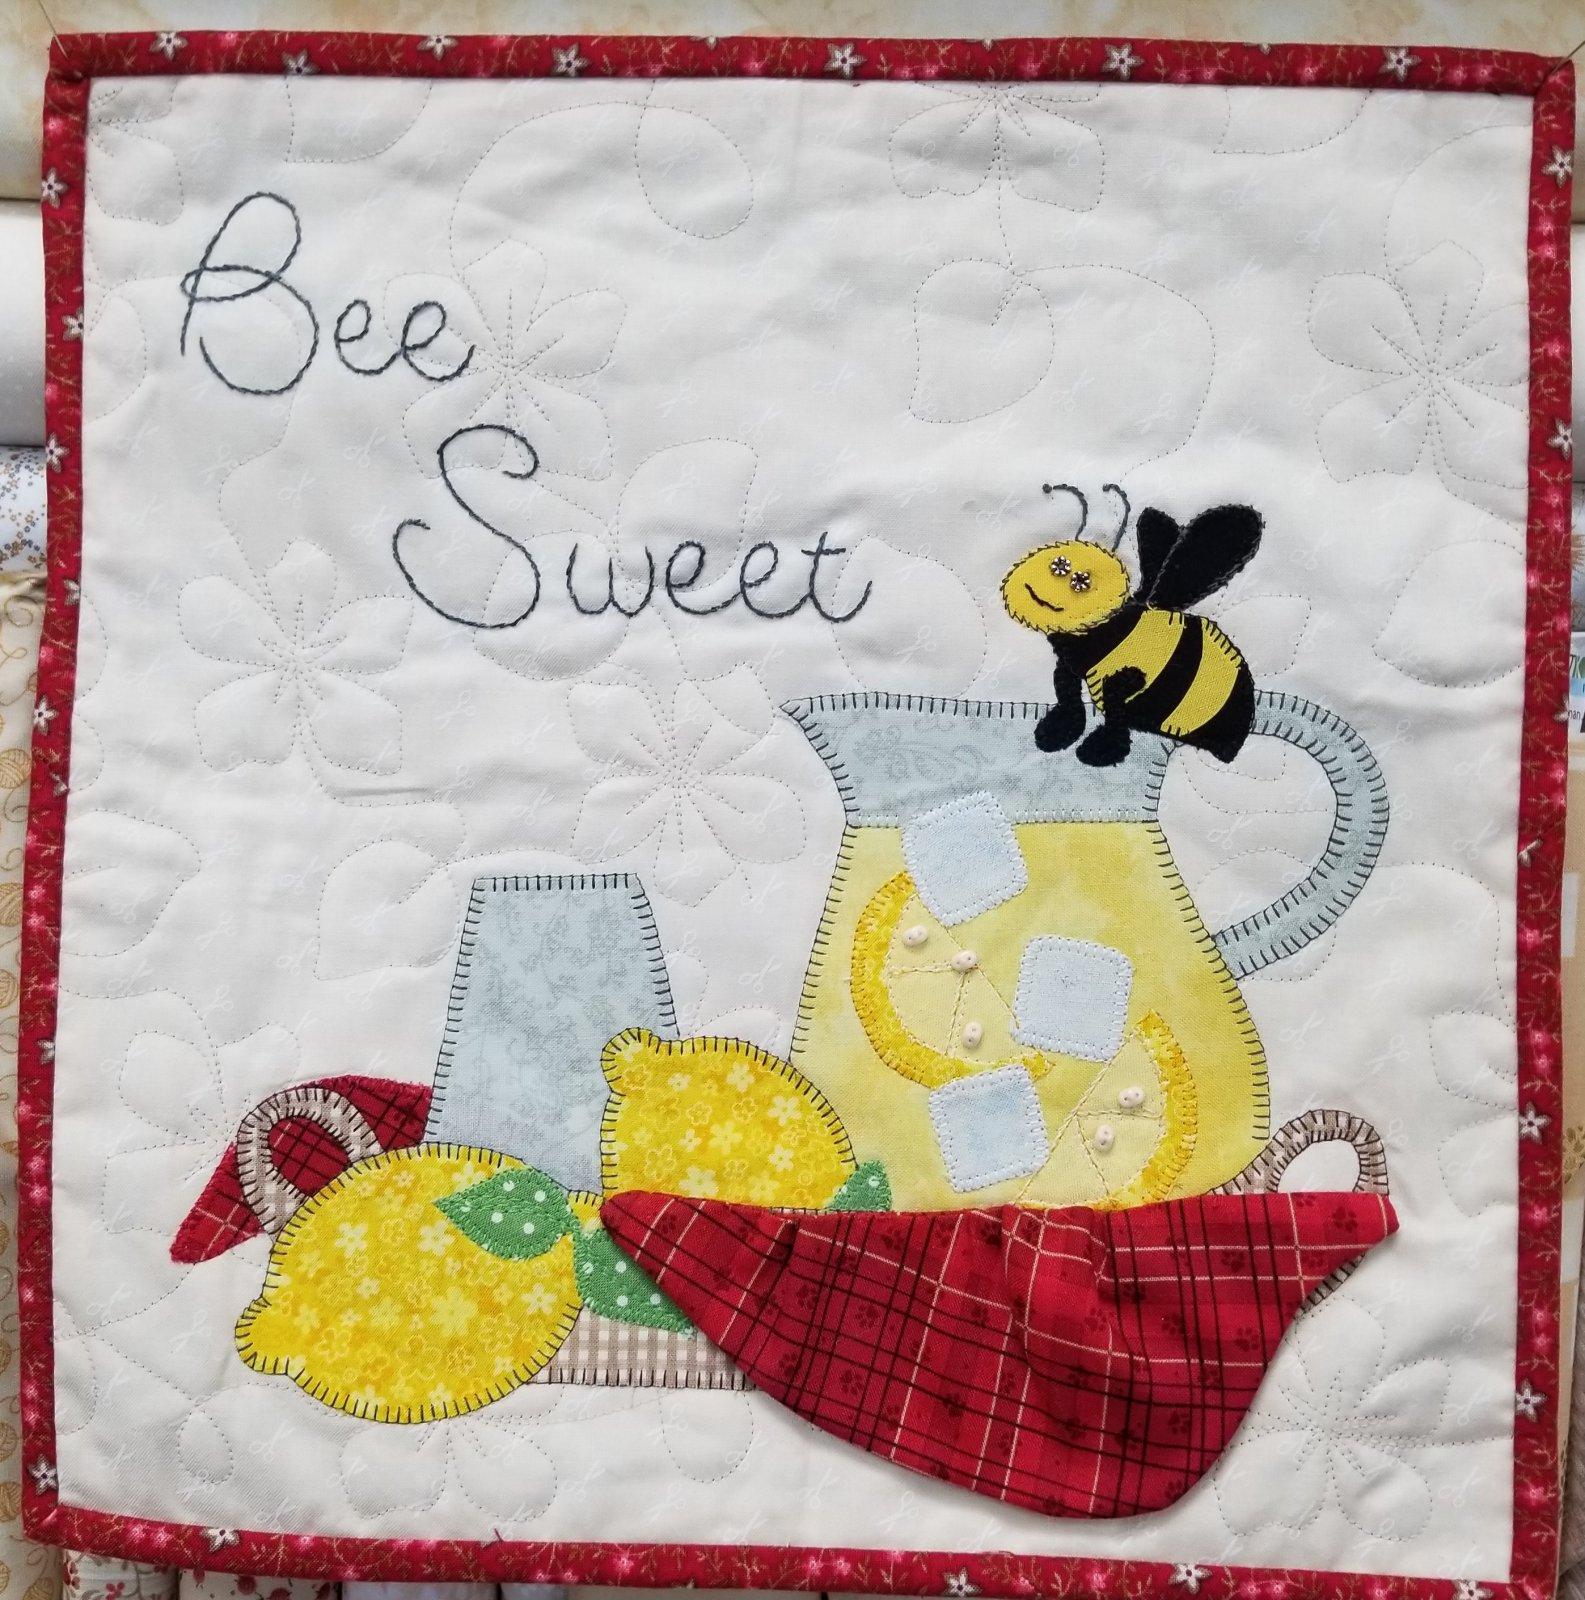 Bee Sweet Pattern